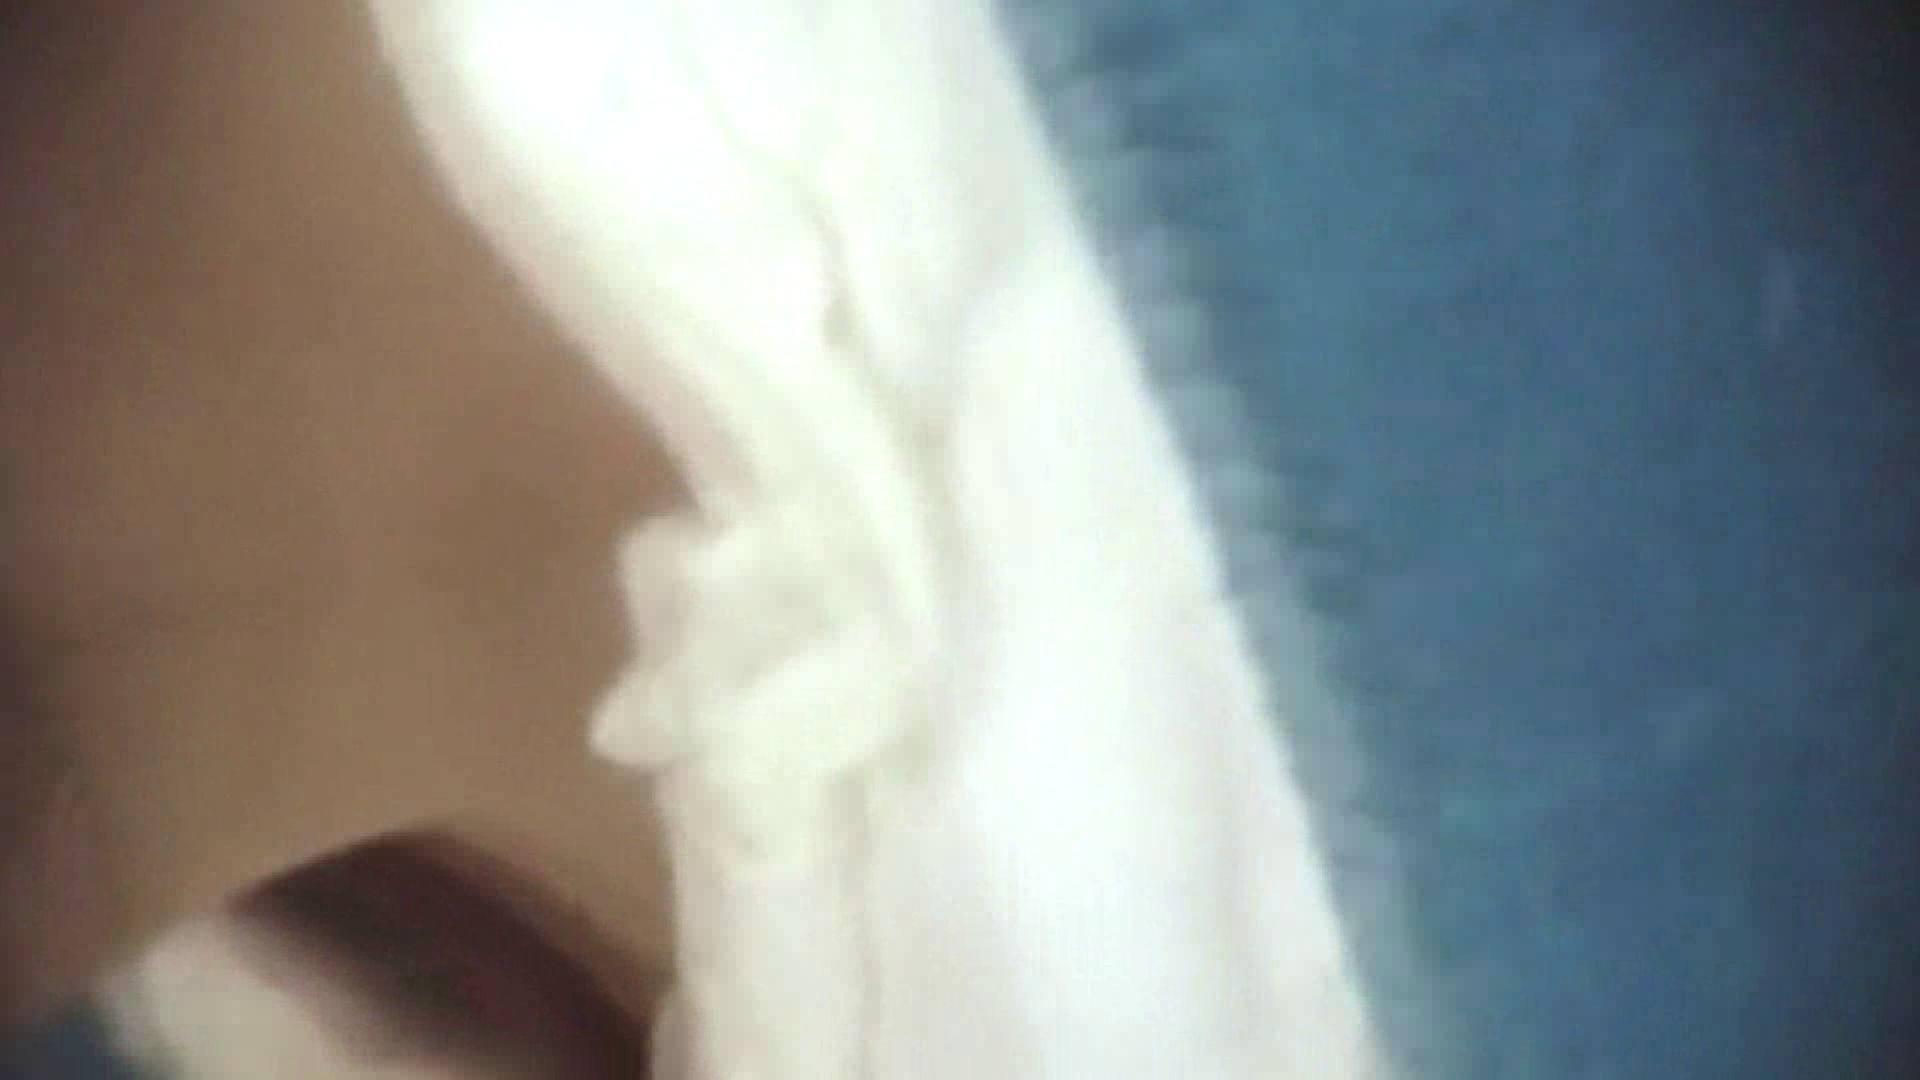 真剣に買い物中のgal達を上から下から狙います。vol.06 チラ系 SEX無修正画像 102pic 95